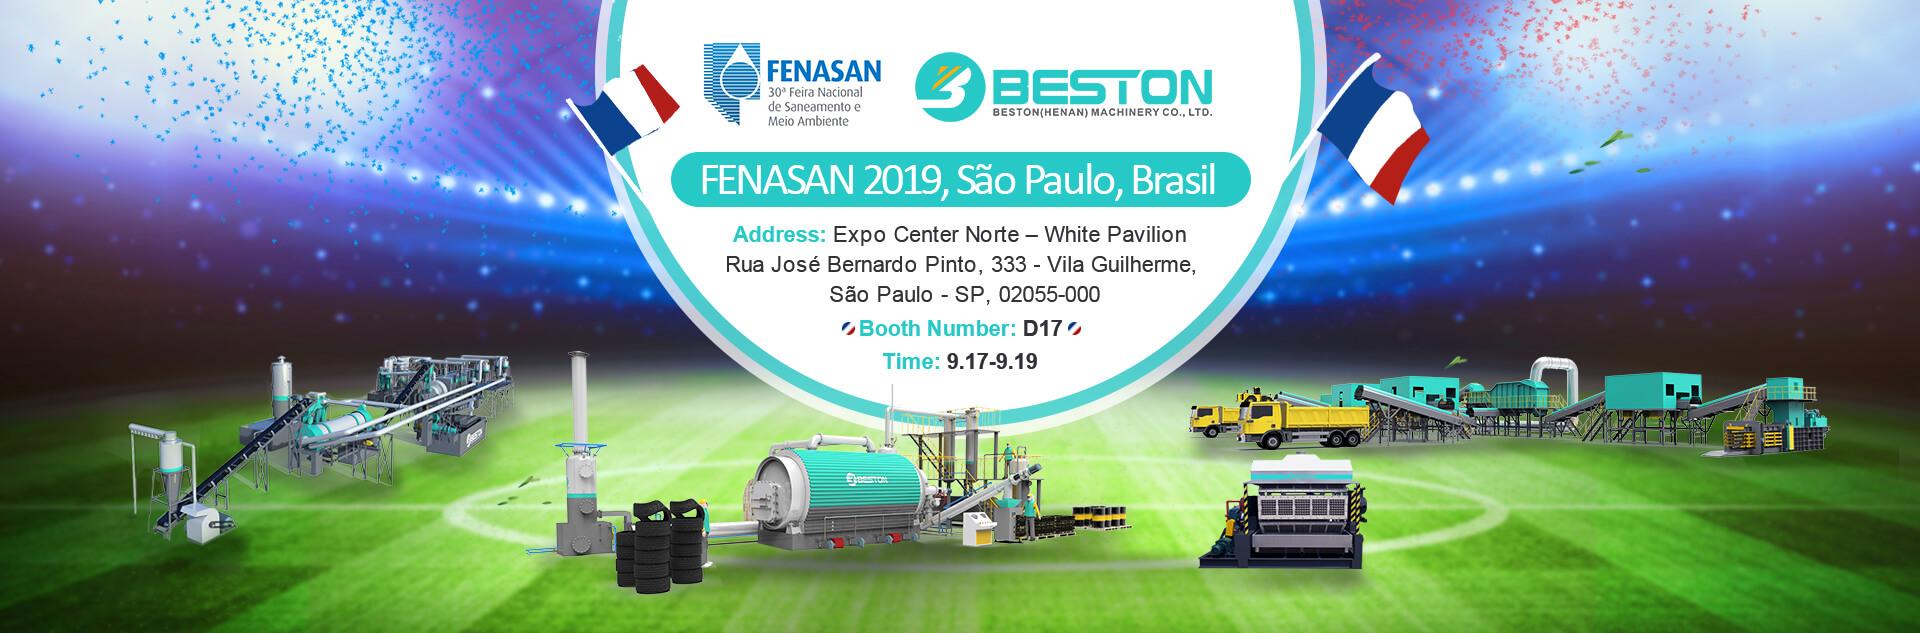 See Beston in FENASAN